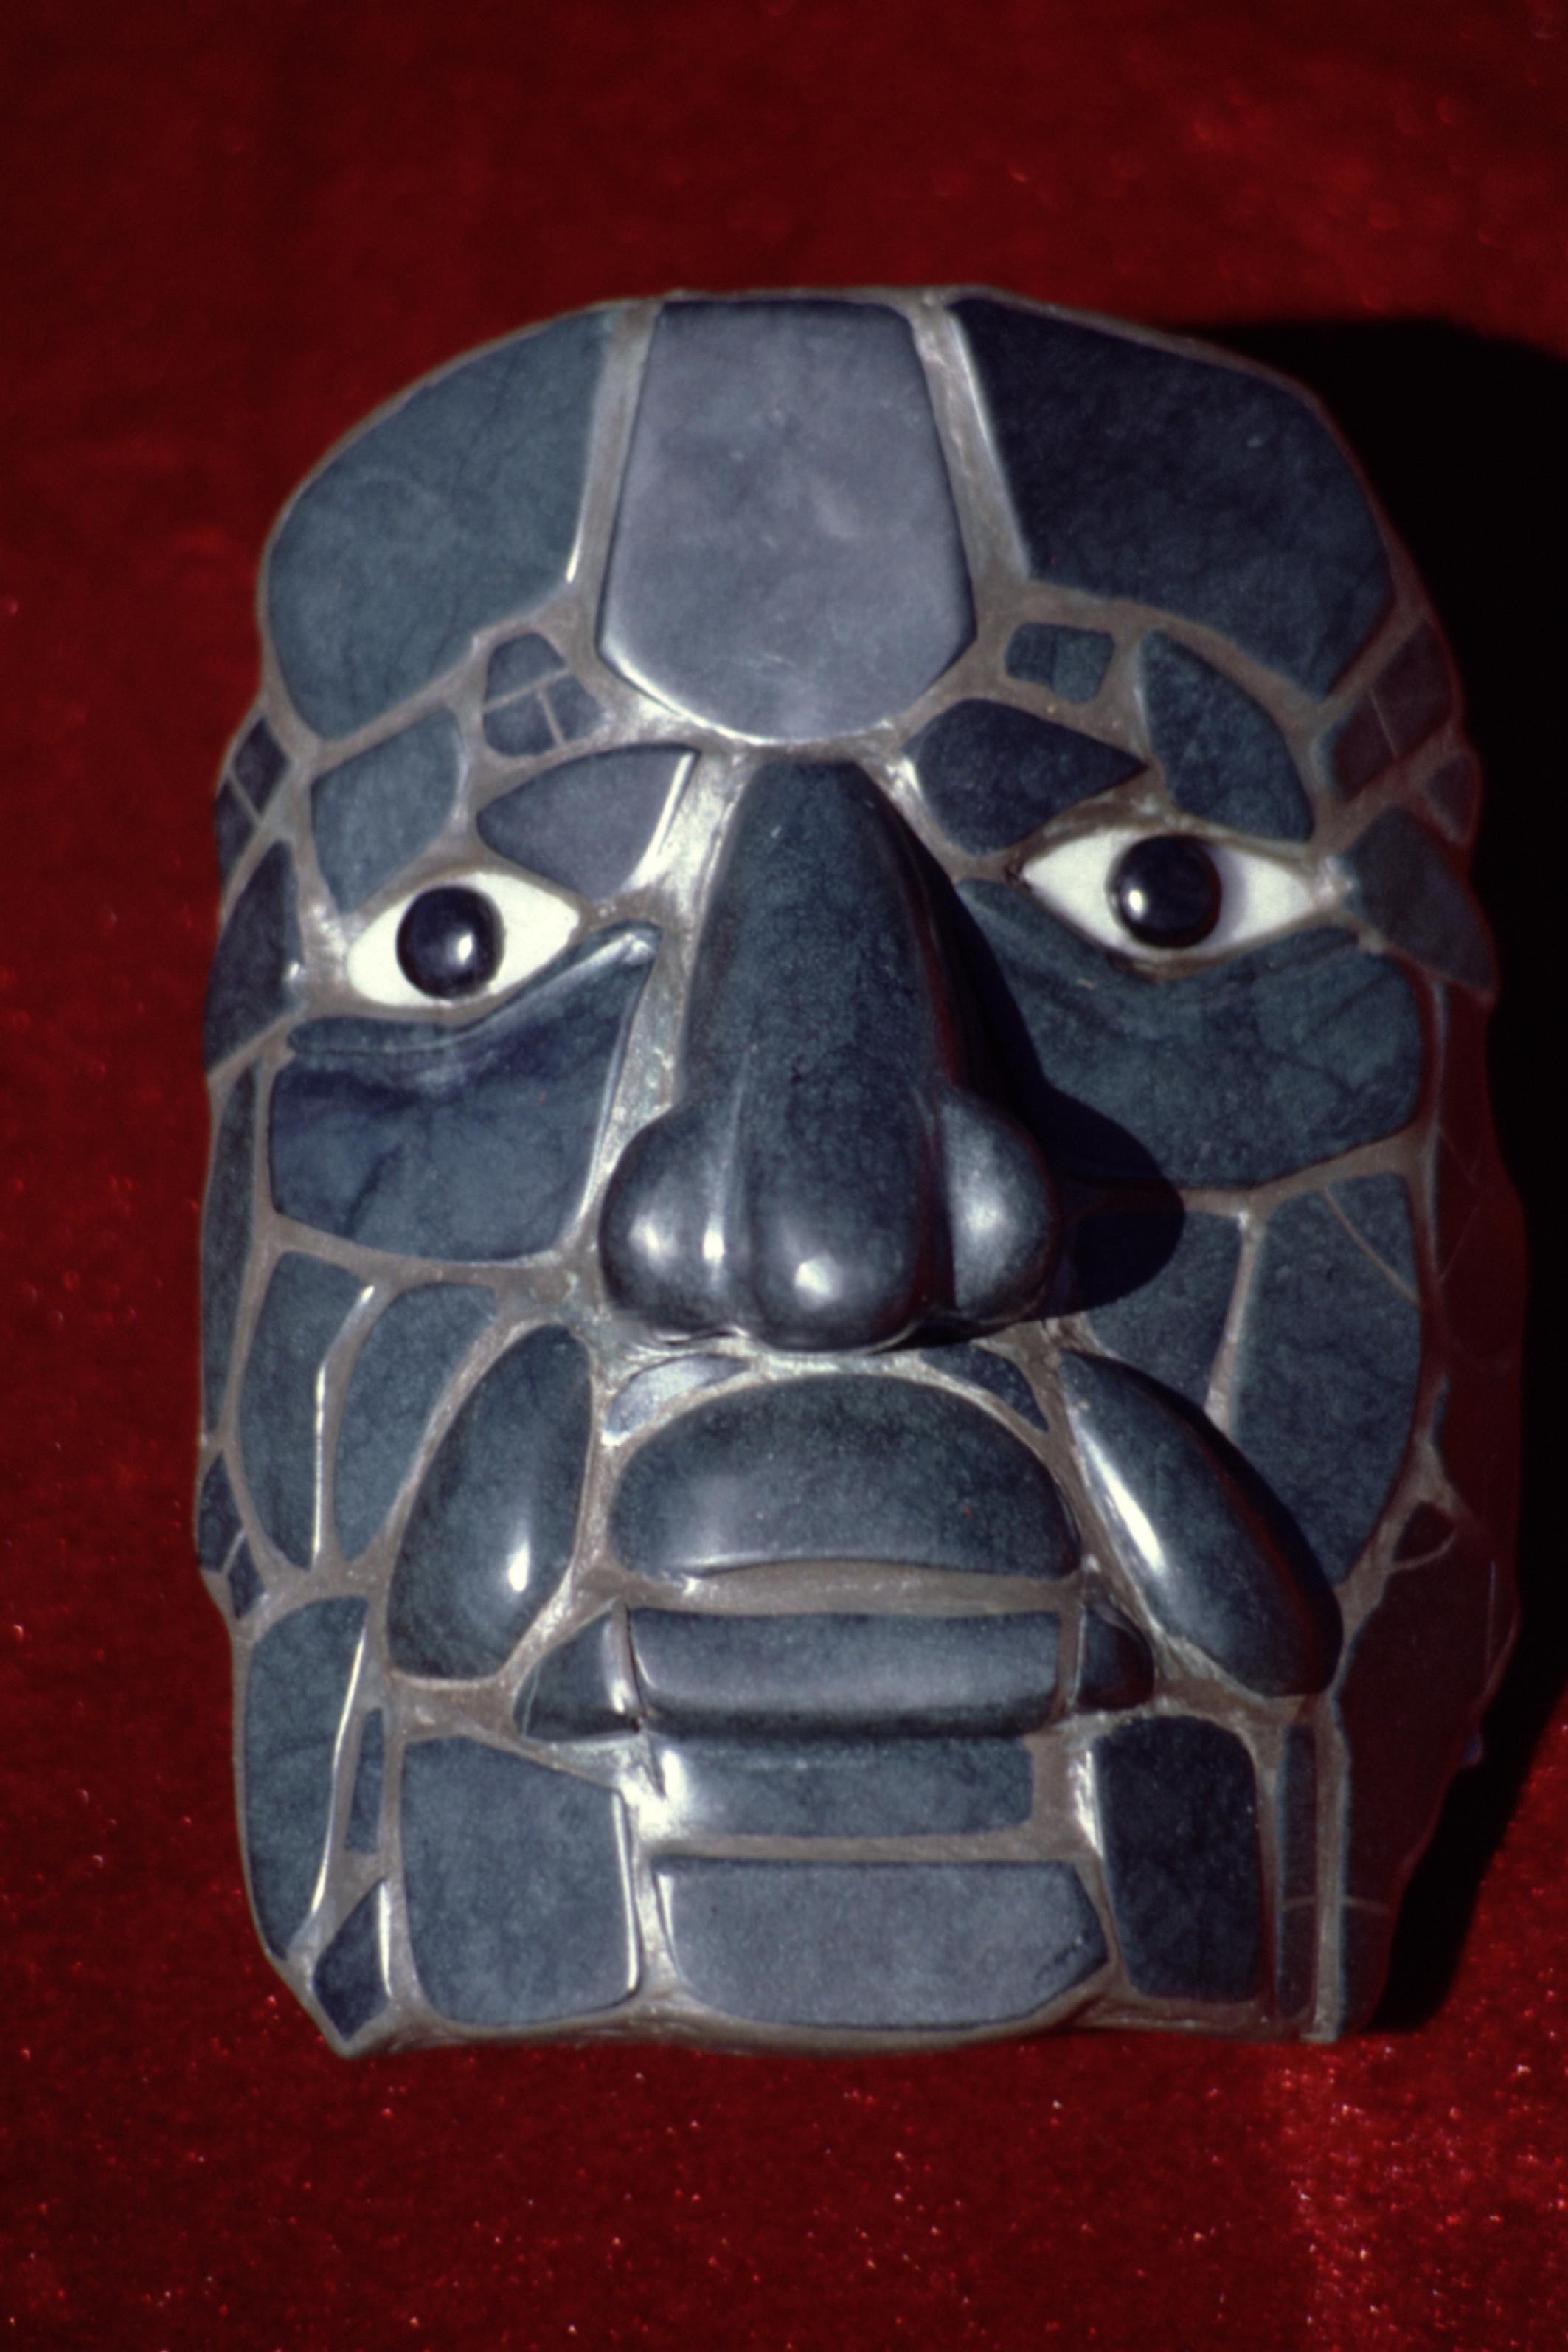 Réplique d'un ancien masque mortuaire représentant le dieu Calakmul.